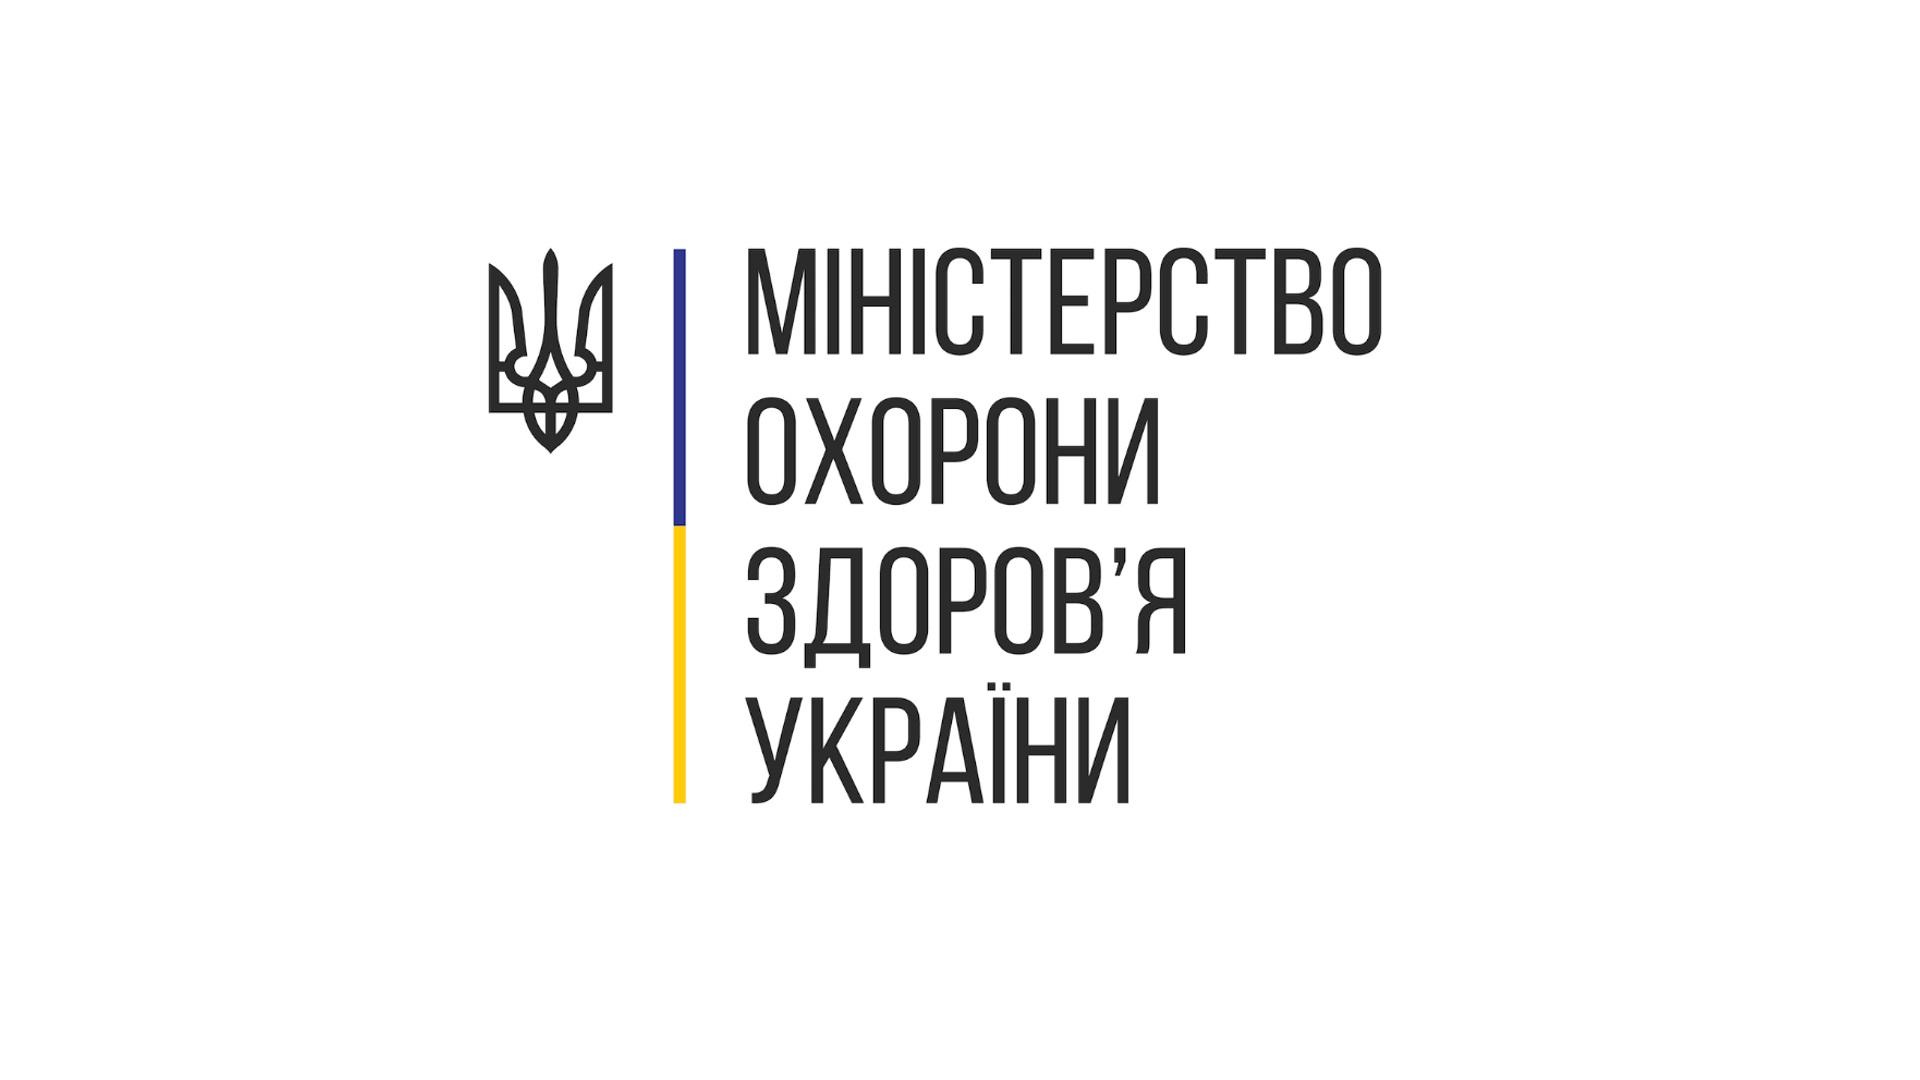 Оголошено конкурс на заміщення вакантної посади ректора БДМУ